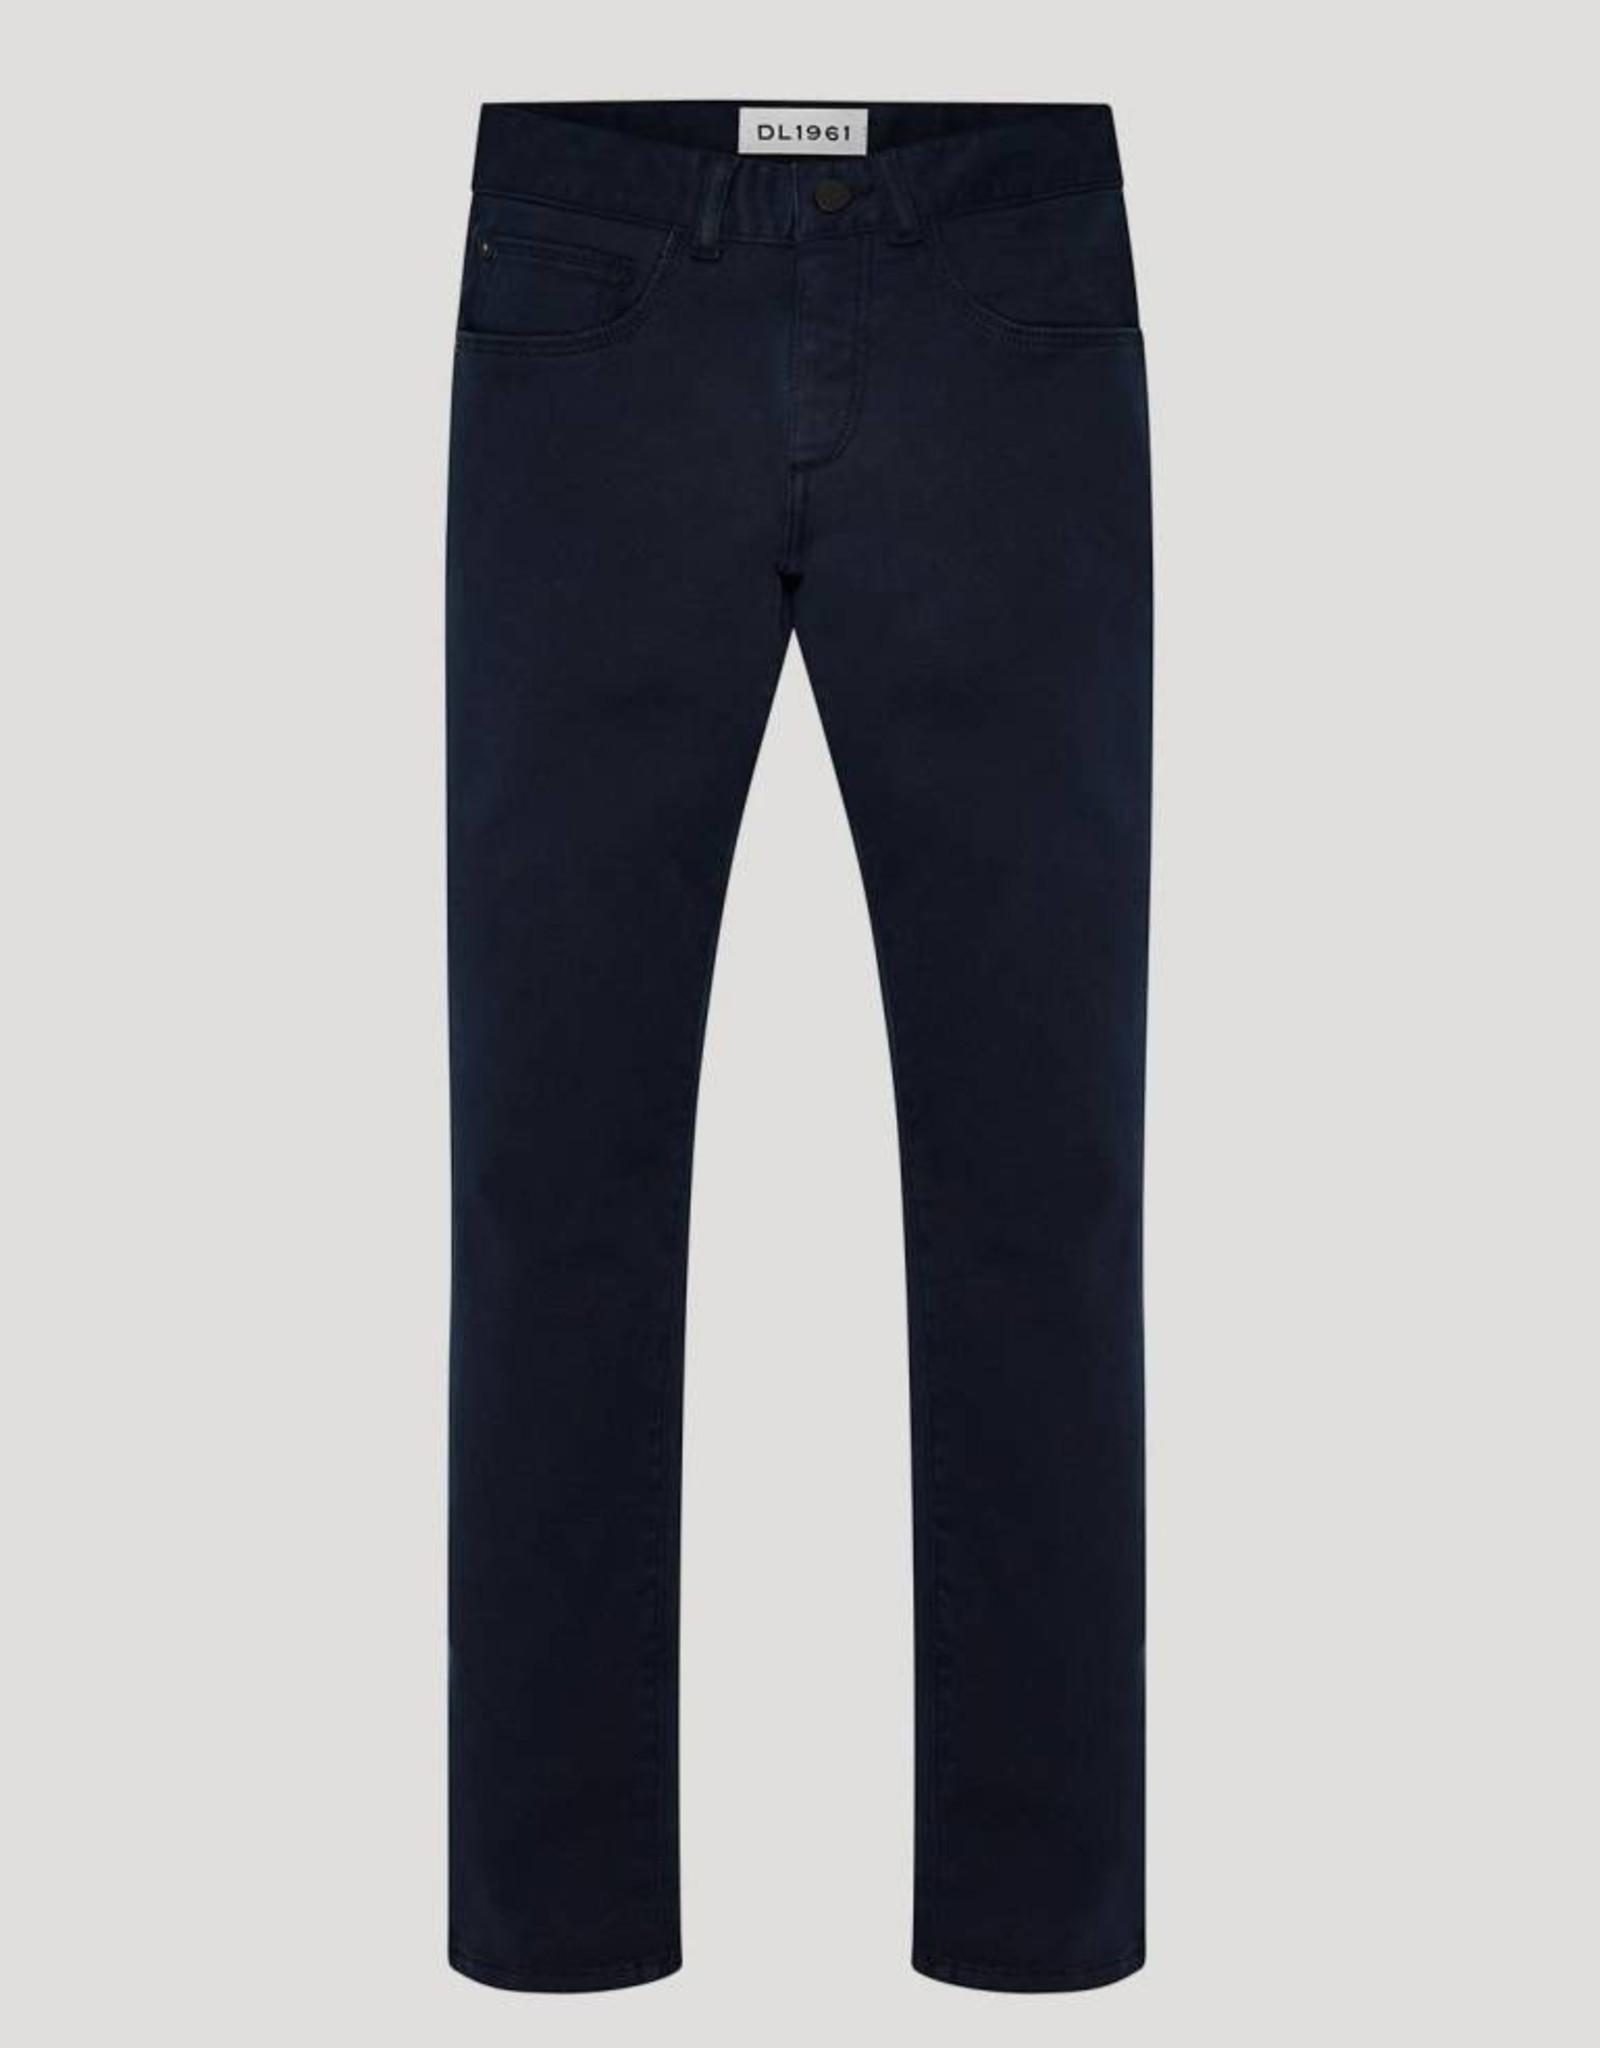 DL1961 DL1961 Boy's Brady Slim Jean